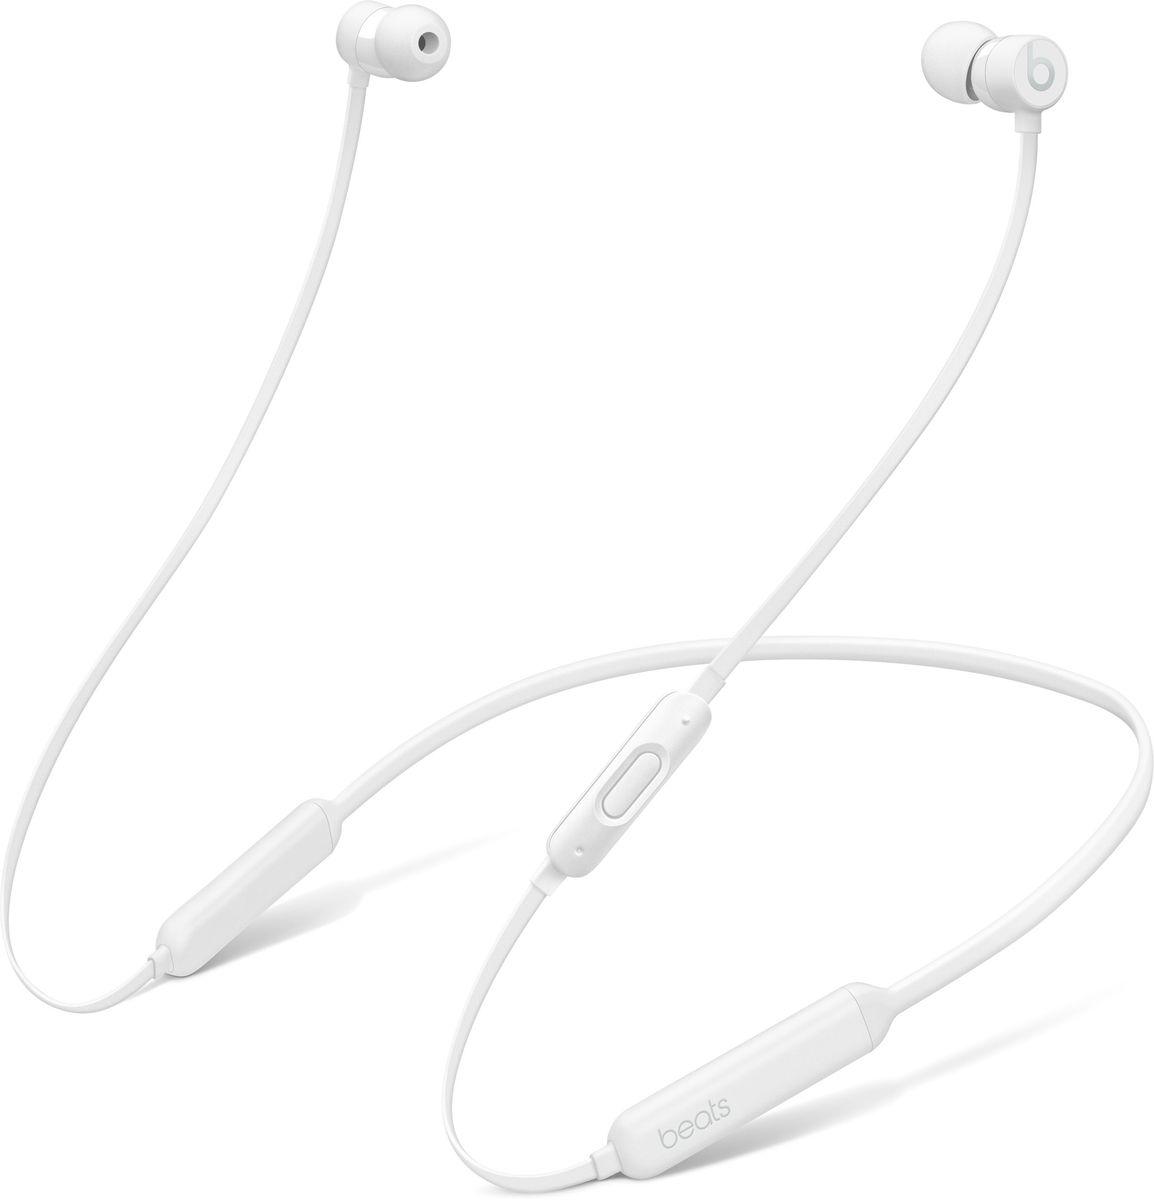 BeatsX, White наушникиMLYF2ZE/AБеспроводные наушники BeatsX станут вашим верным спутником - чем бы вы ни занимались. Чистое иестественное звучание любимой музыки будет сопровождать вас целый день - наушники могут работать безподзарядки до 8 часов. 5-минутной зарядки Fast Fuel хватит ещё на 2 часа воспроизведения. Наушники суникальным кабелем Flex-Form можно не снимать целый день. Различные вкладыши и дополнительные крепленияпозволяют отрегулировать наушники так, чтобы они держались надёжно. А ещё их очень удобно носить с собой вкармане.Наушники BeatsX работают с полной отдачей. Изящные, лёгкие и компактные, они станут вашим идеальнымкомпаньоном - и вы не запутаетесь в проводах. Включите их и поднесите к своему iPhone - они мгновенноподключатся к нему, а заодно и к вашим Apple Watch, iPad и Mac. Наушники BeatsX с технологией Bluetooth класса 1обеспечивают наилучшее качество беспроводной связи.Чёткое воспроизведение всех частот и усовершенствованная шумоизоляция обеспечивают объёмное иестественное звучание. Инновационная акустика чисто и без искажений воспроизводит как высокие, так инизкие частоты и позволяет слушать музыку любых жанров в наилучшем качестве.Наушники BeatsX невероятно удобны - вы можете носить их целый день. Даже если вы выключите музыку иповесите их на шею, они не будут вам мешать. Уникальный гибкий кабель Flex-Form, различные вкладыши идополнительные крепления помогут вам отрегулировать наушники так, чтобы они держались надёжно, и вам былоудобно их носить. Благодаря магнитным элементам наушники не запутаются, когда вы их снимете. К тому же ихлегко свернуть, и они займут совсем немного места.Пульт RemoteTalk со встроенным микрофоном позволяет отвечать на звонки, управлять воспроизведением,регулировать громкость и активировать Siri. Удобные элементы управления помогут вам легко переключатьсямежду самыми разными задачами. Чем бы вы ни занимались - беспроводные наушники BeatsX станут вашимпостоянным спутником.